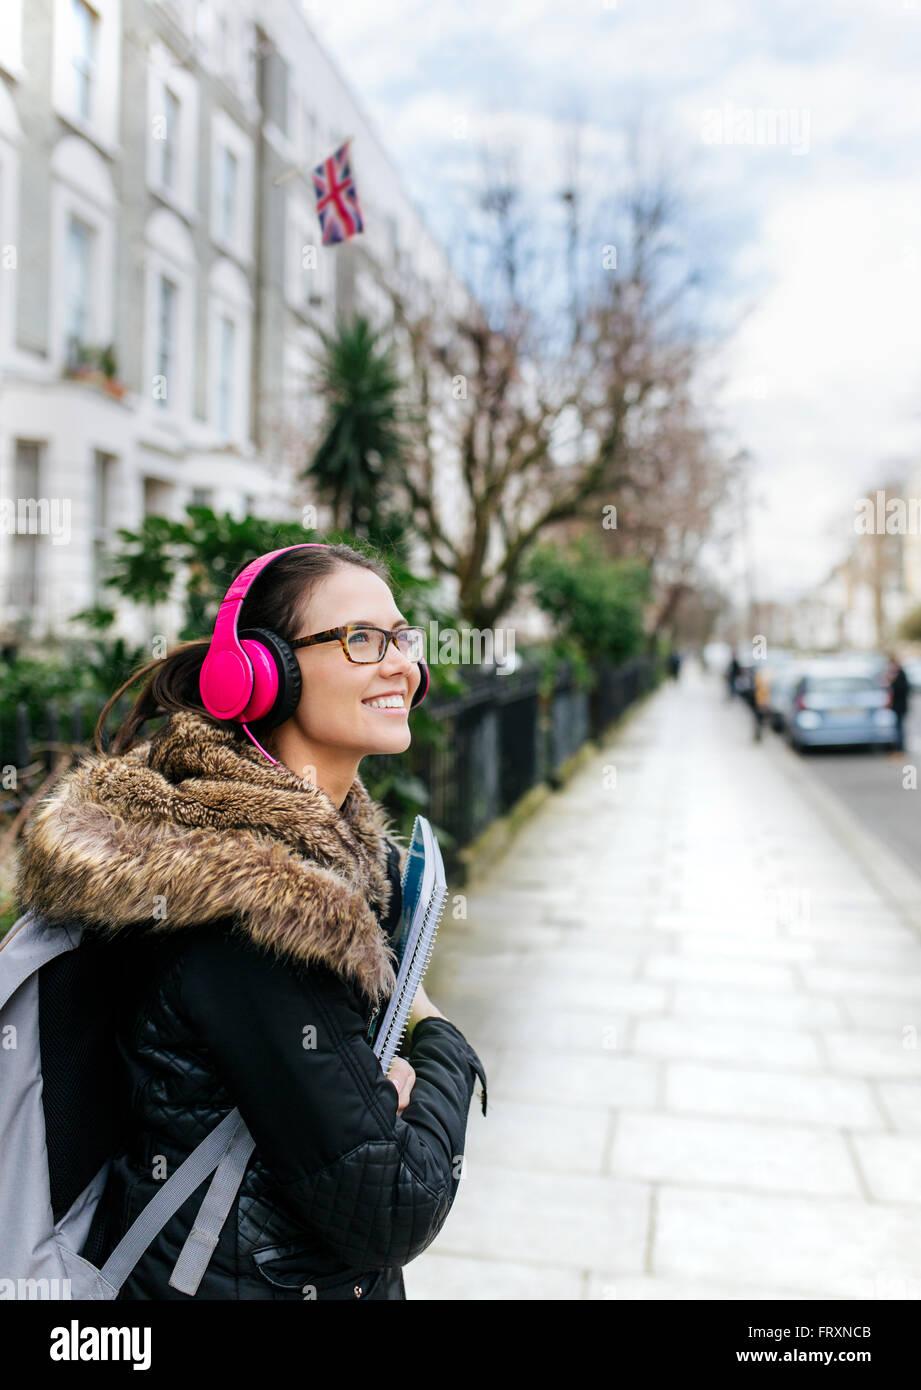 Londres, estudiante chica con auriculares y panel de escritura Imagen De Stock